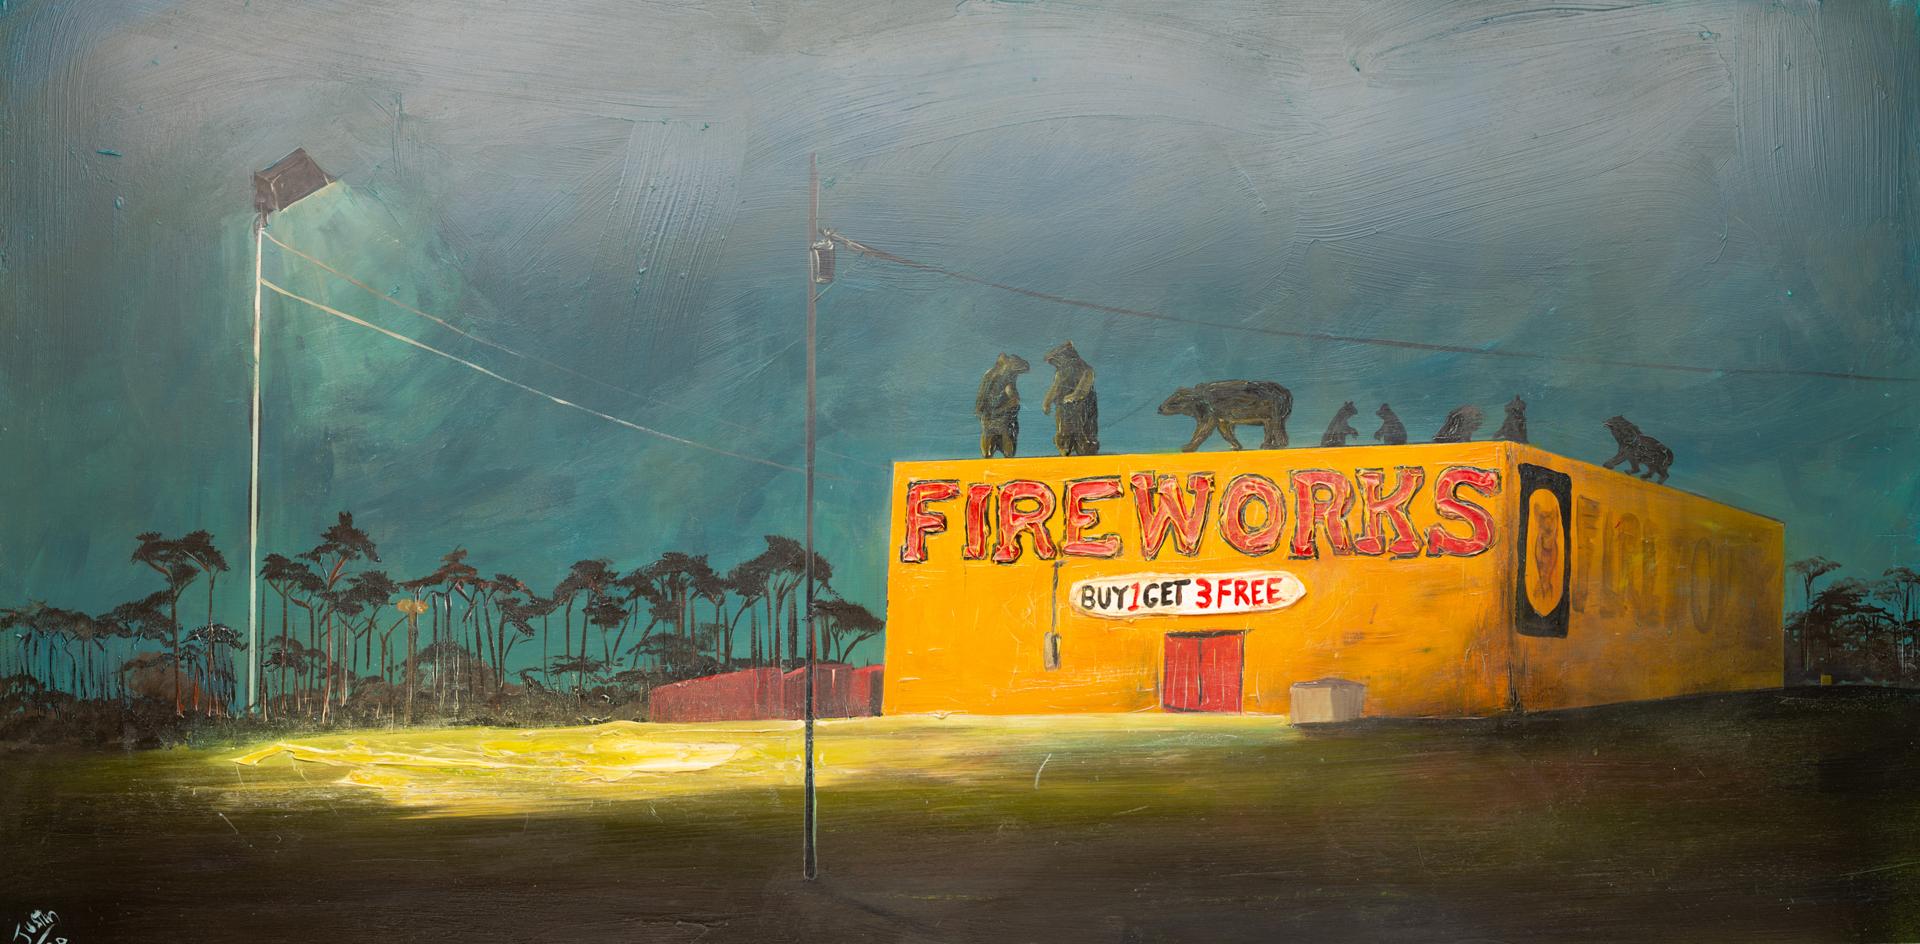 SEALE FIREWORKS-72X36-2020-034 by JUSTIN GAFFREY